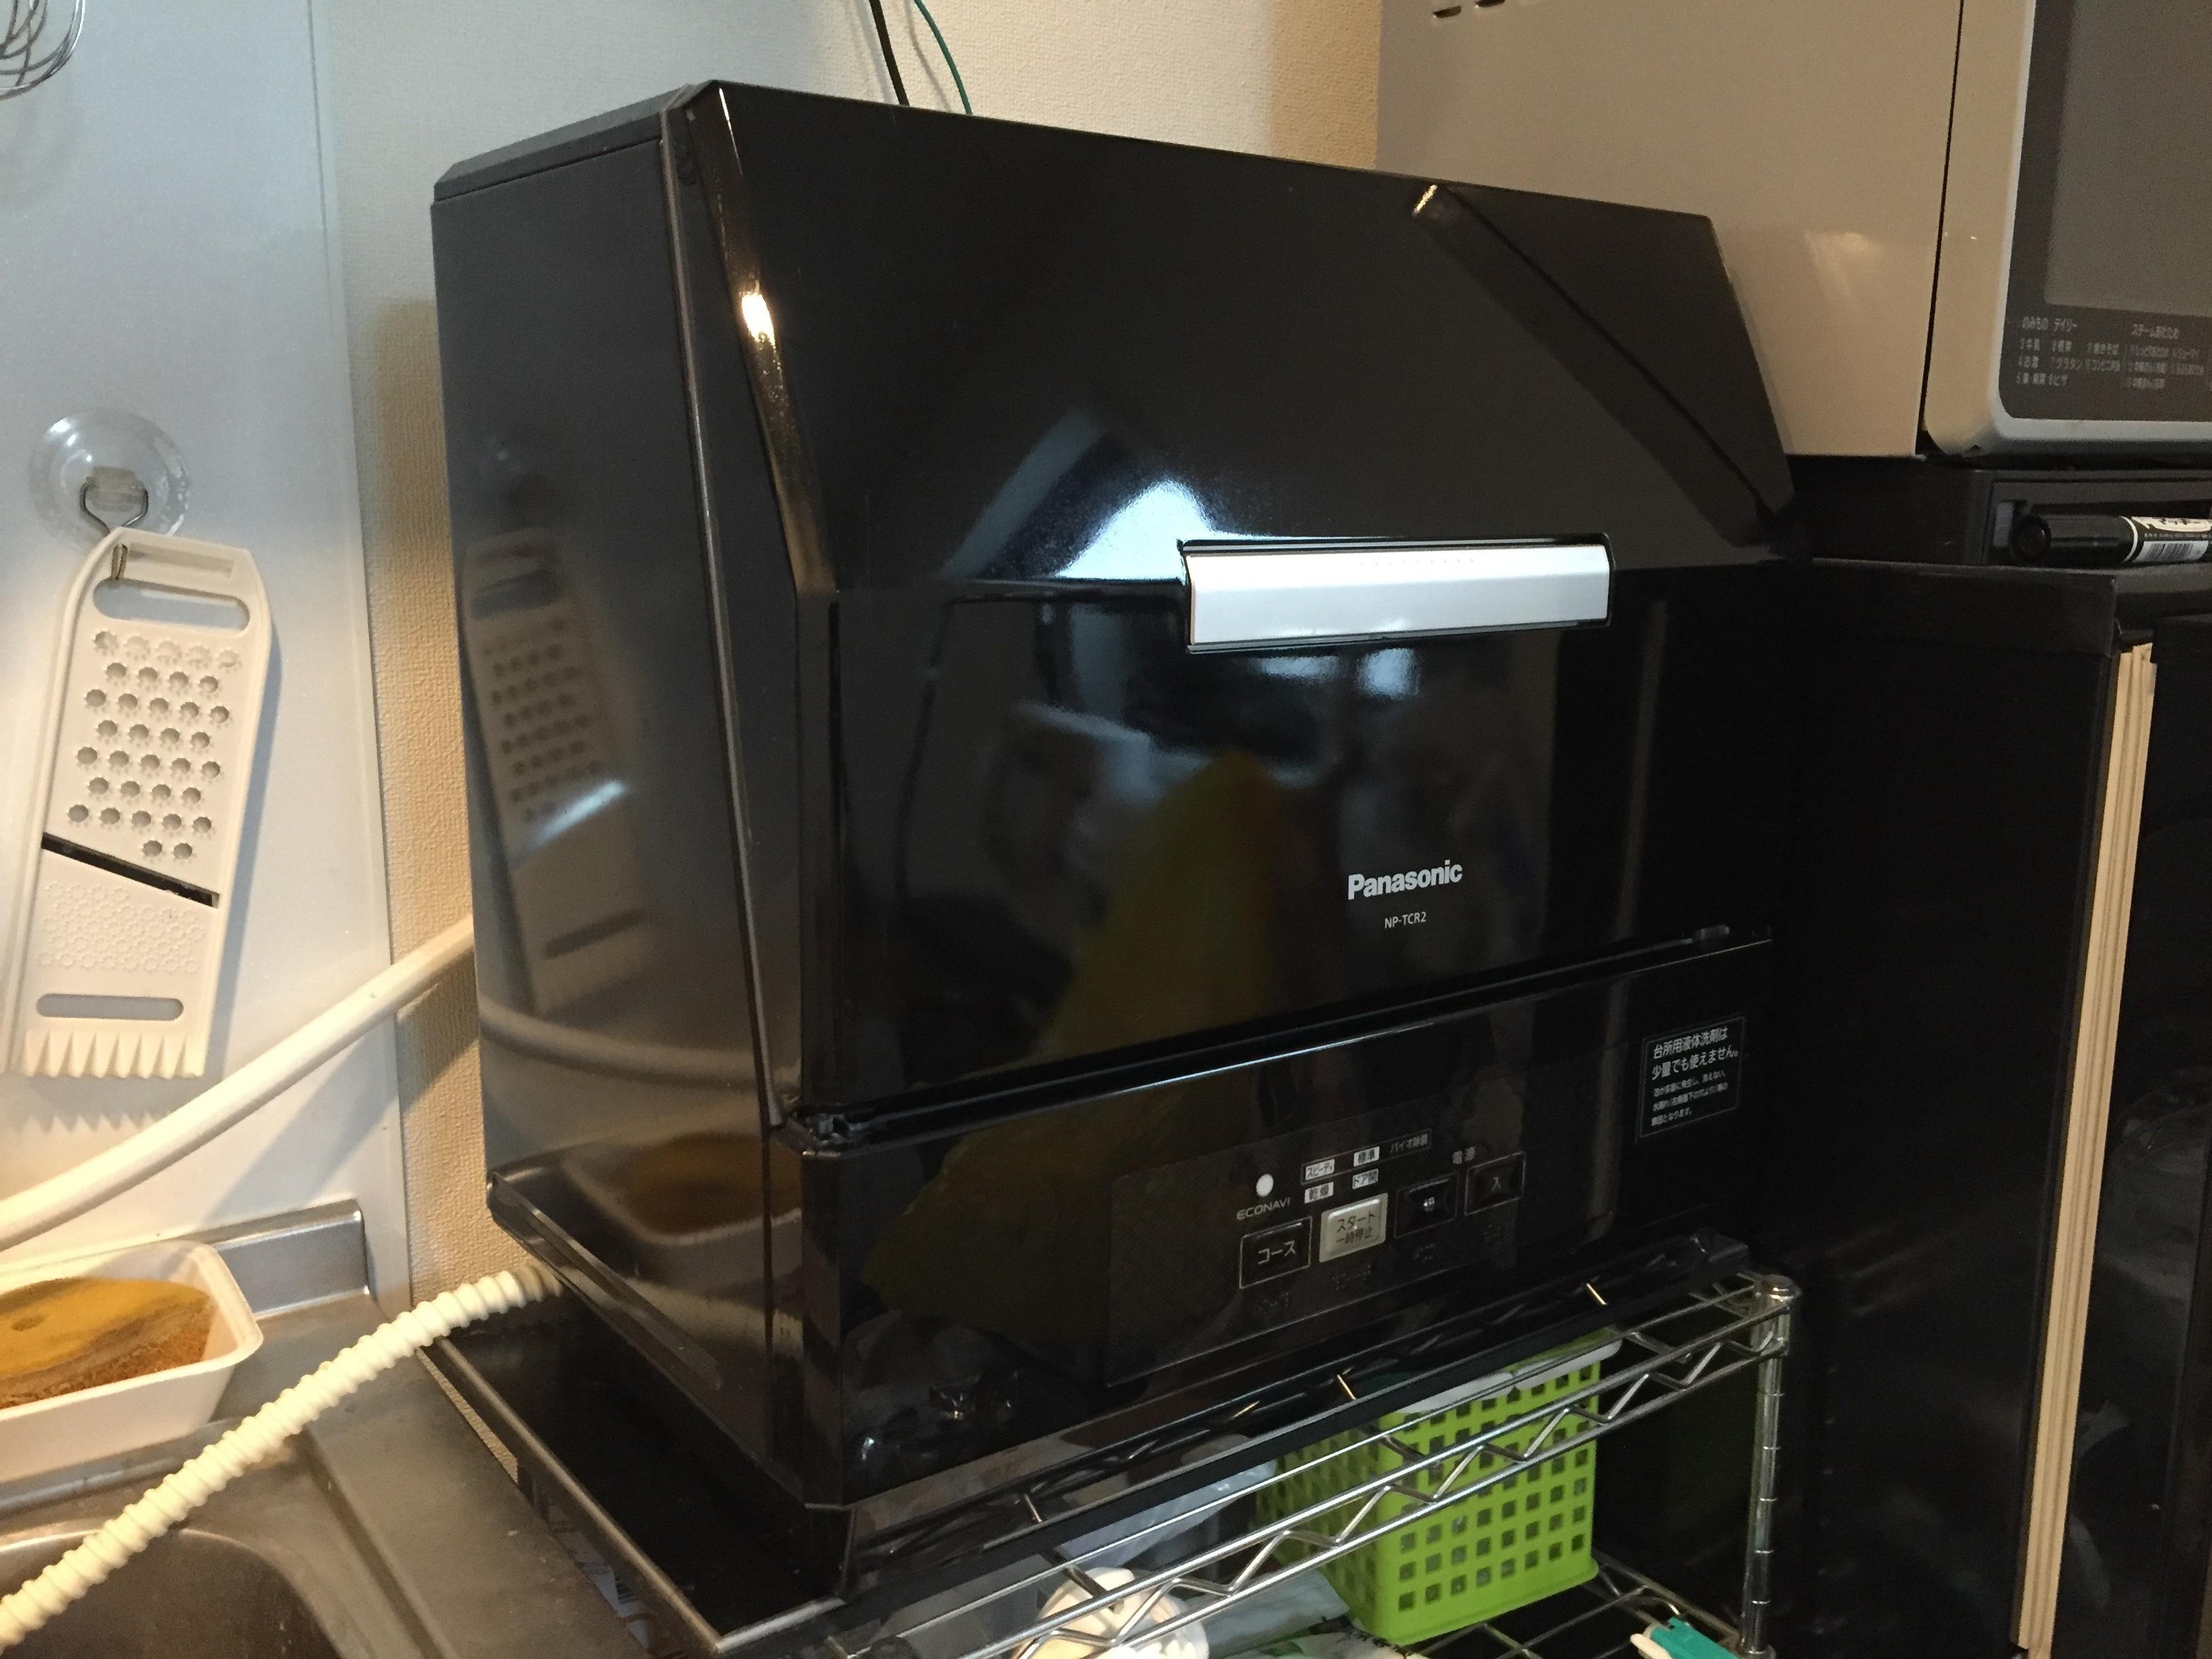 食器洗い乾燥機NP-TCR2の良い点と悪い点